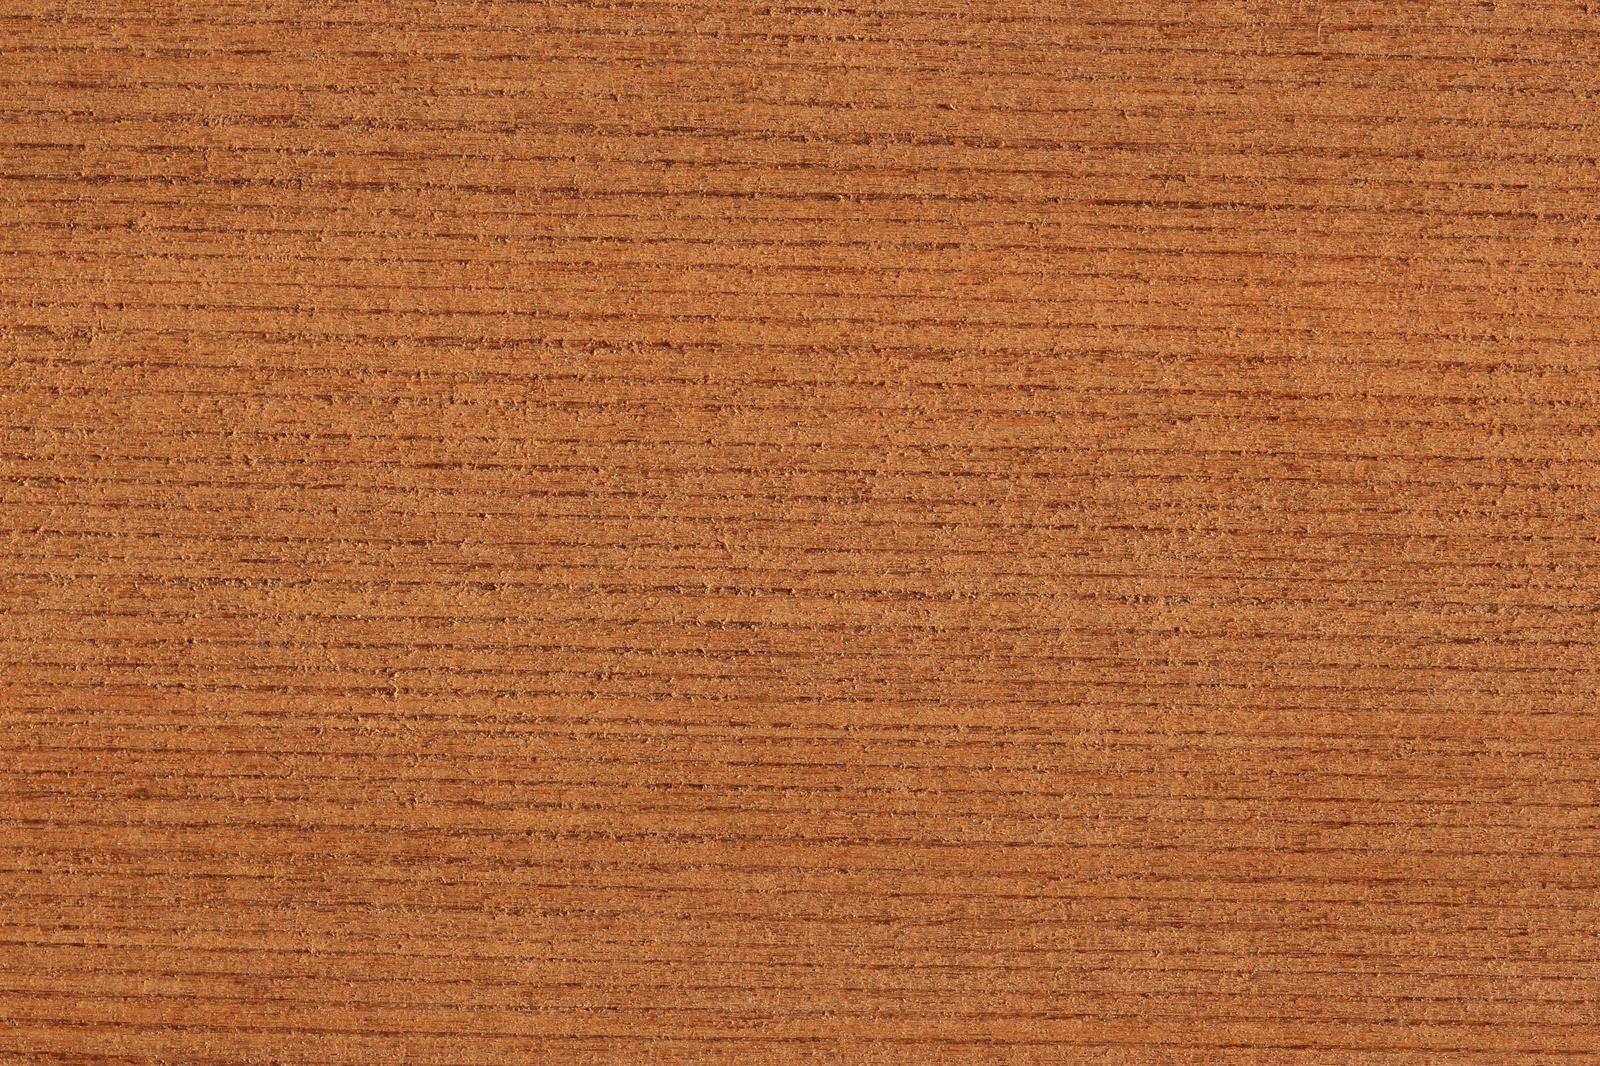 Holzarten Erkennen redwood merkmale eigenschaften holz vom fach